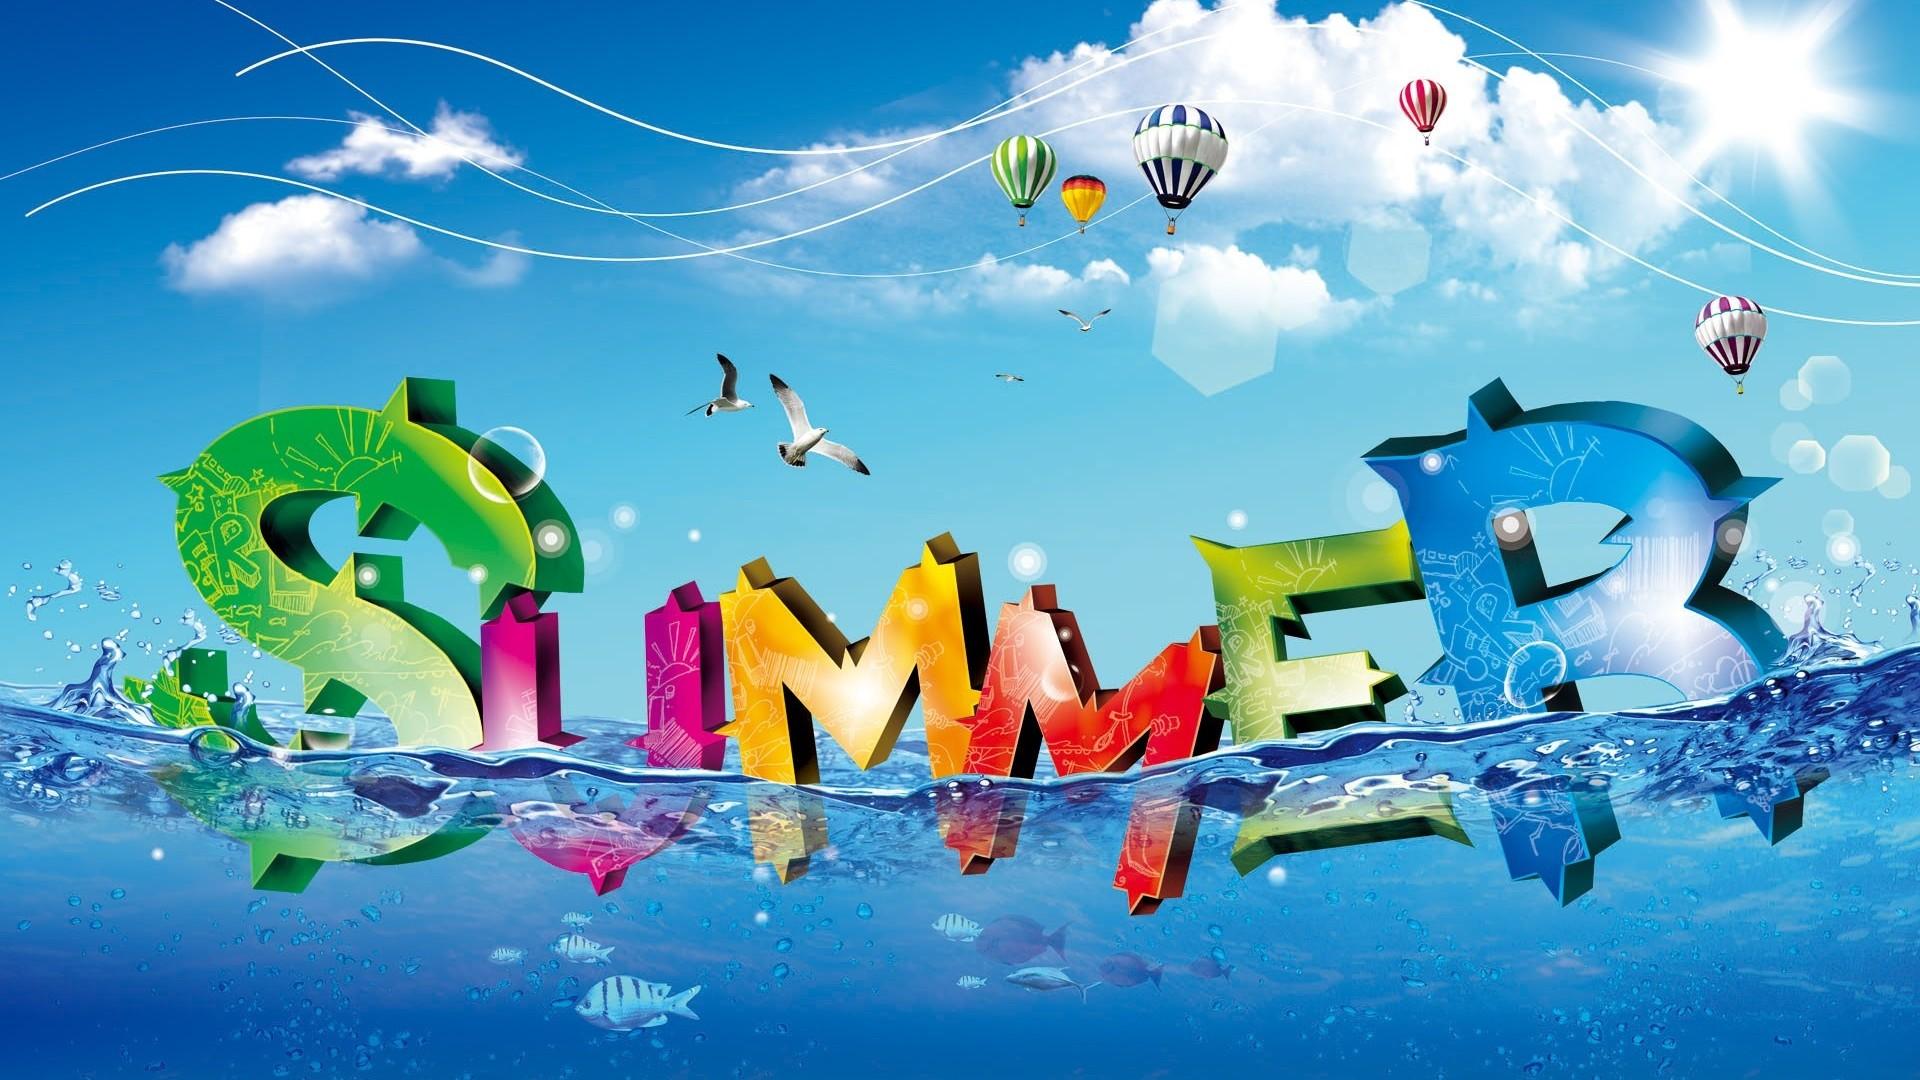 Summer Desktop Wallpapers Hd Wallpapers